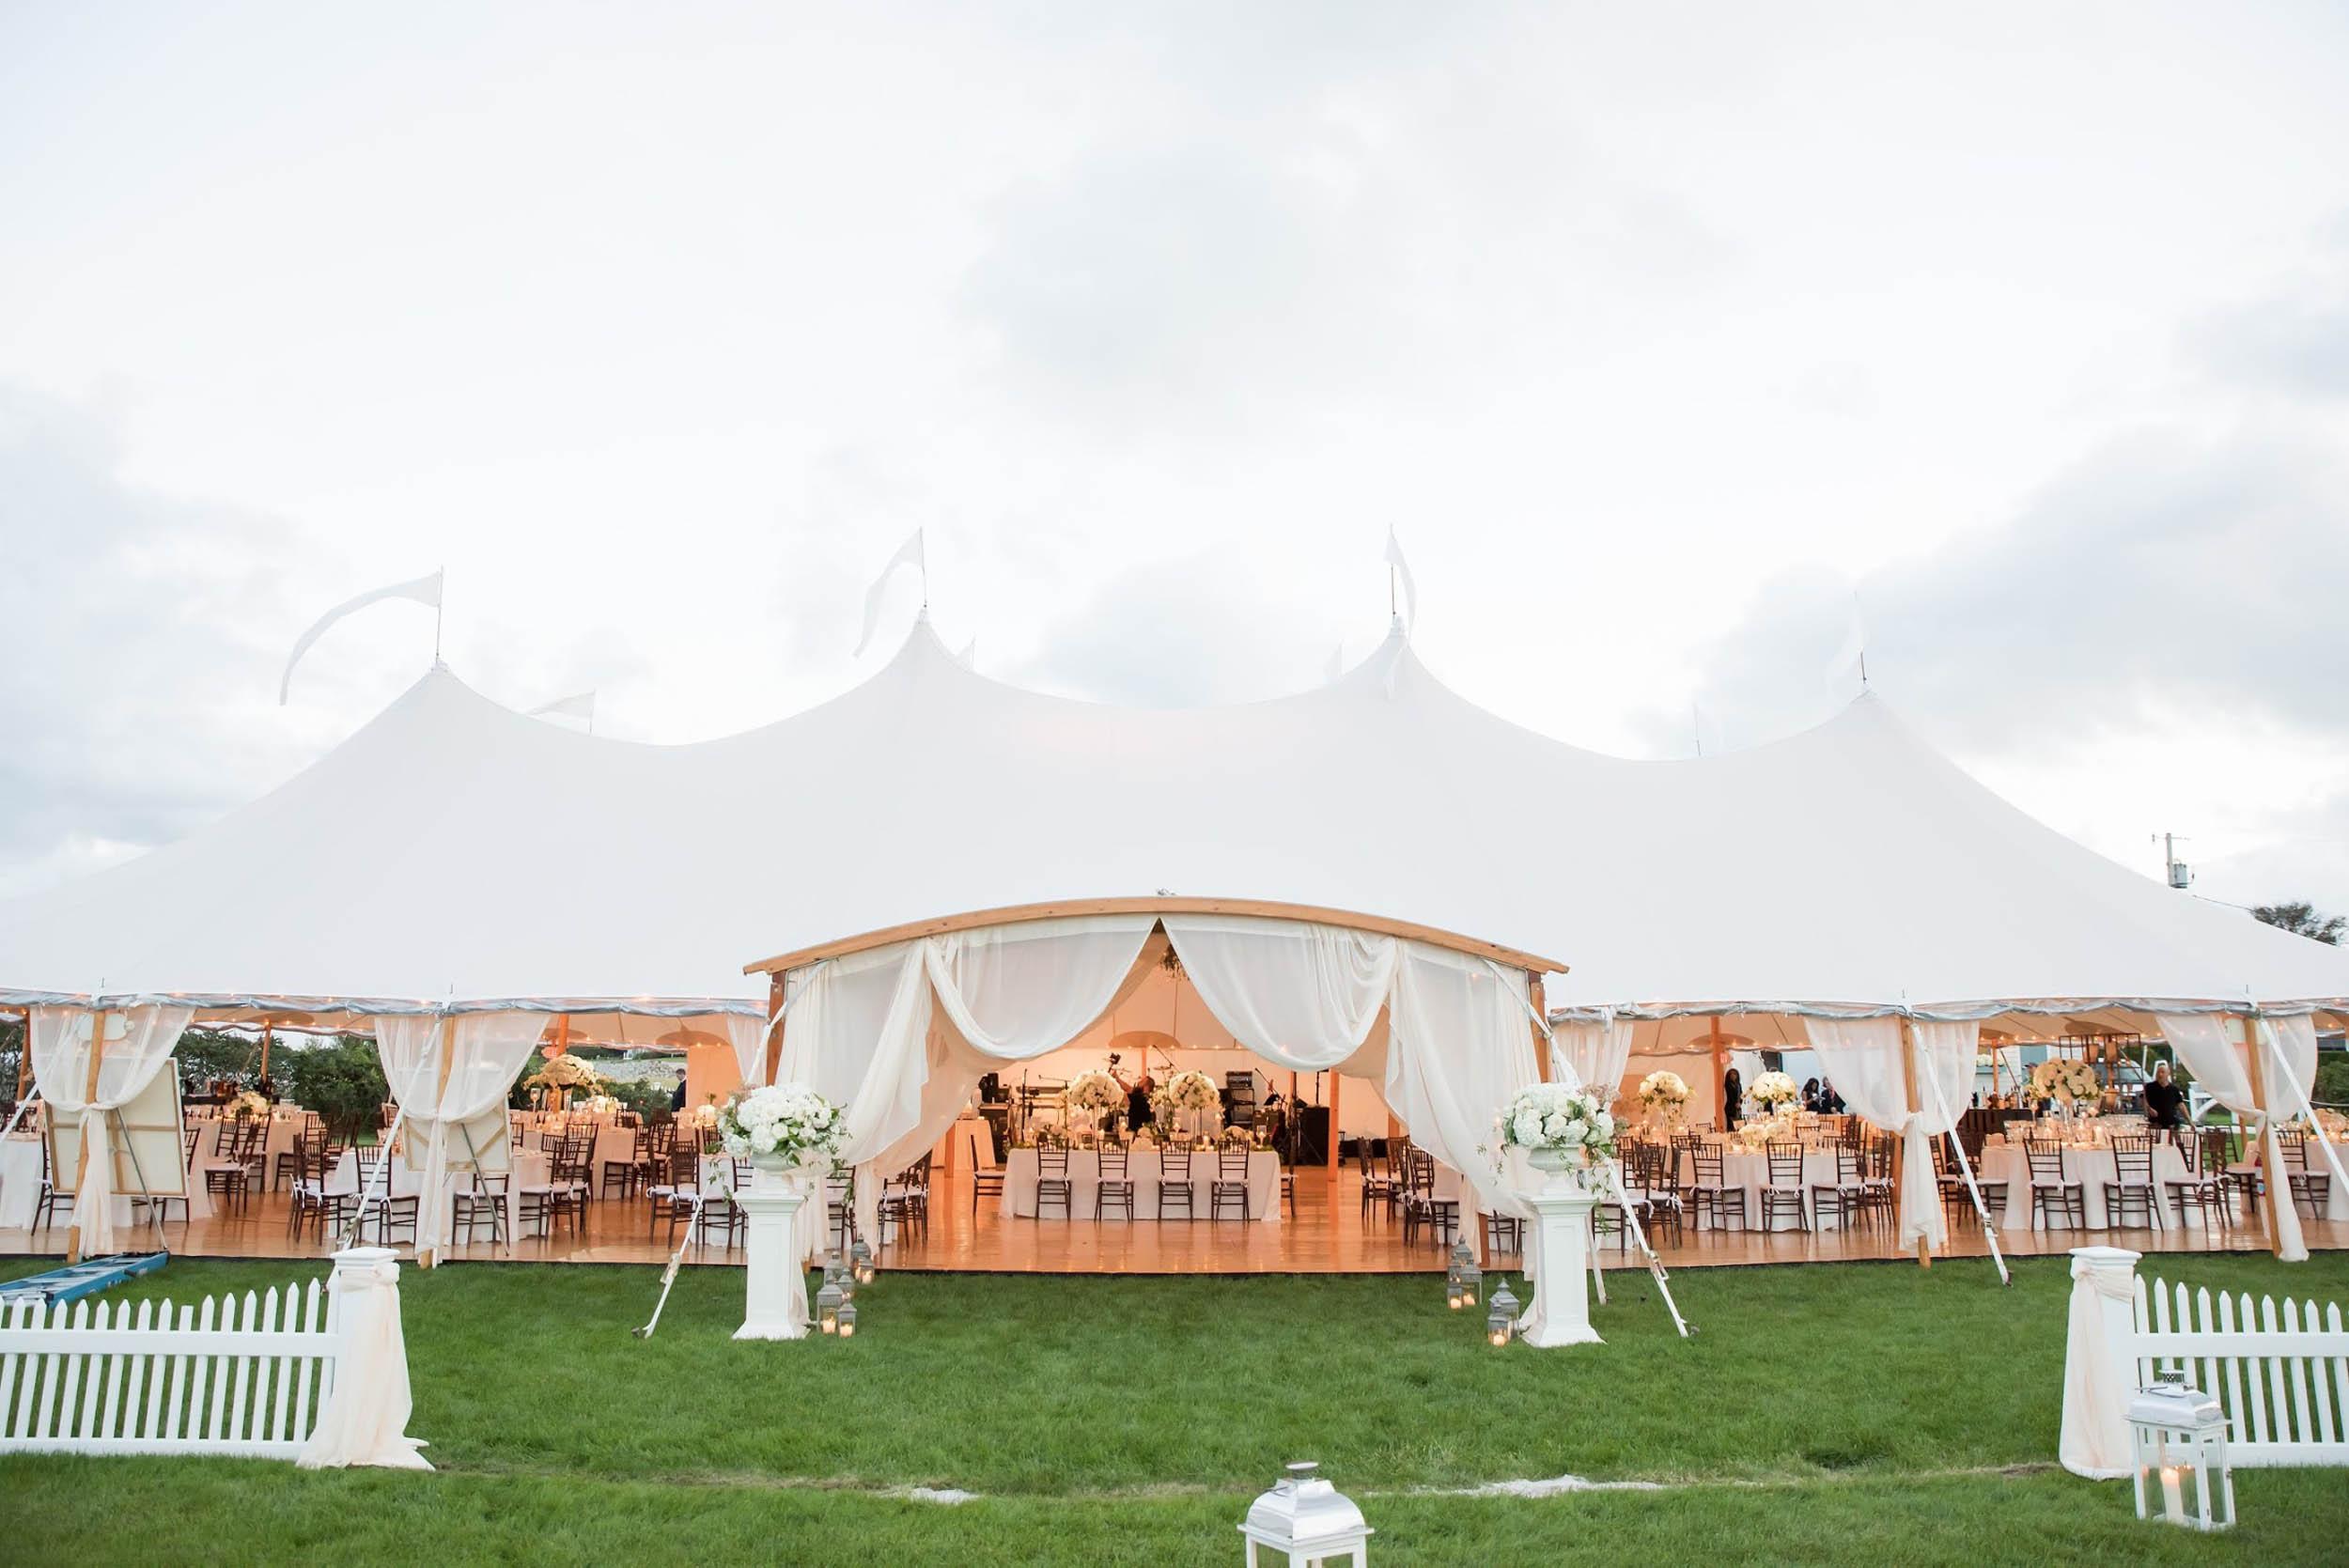 lilacs-florals-wedding-florist-tents-hires-088.jpg